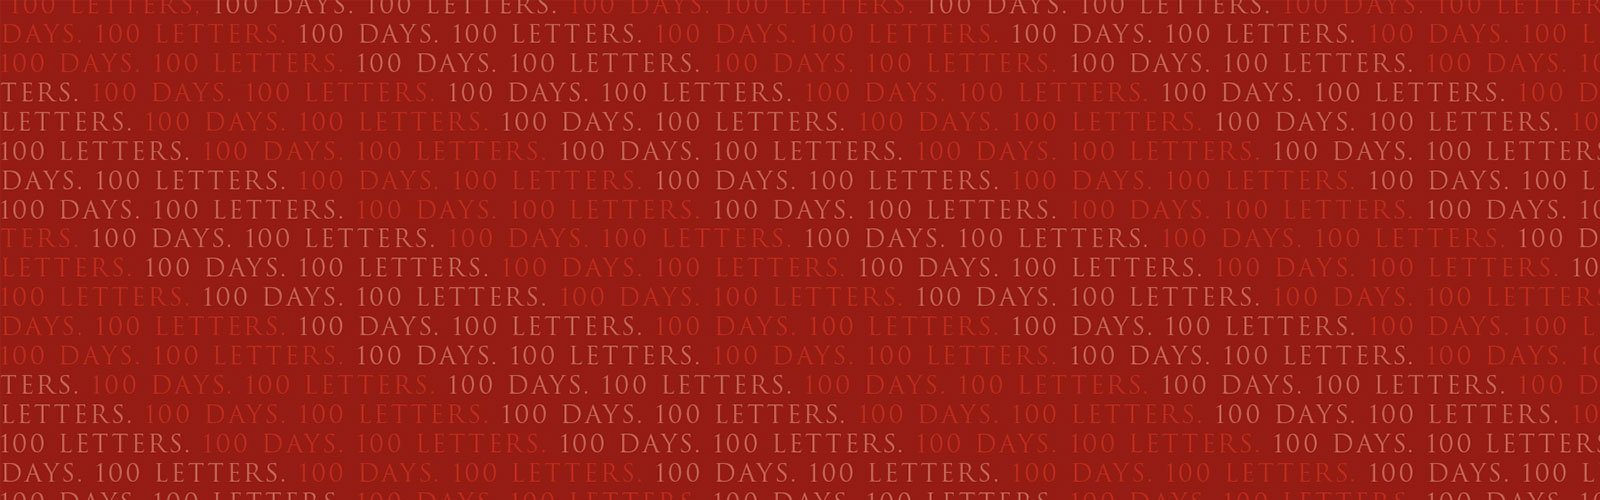 Letter 67